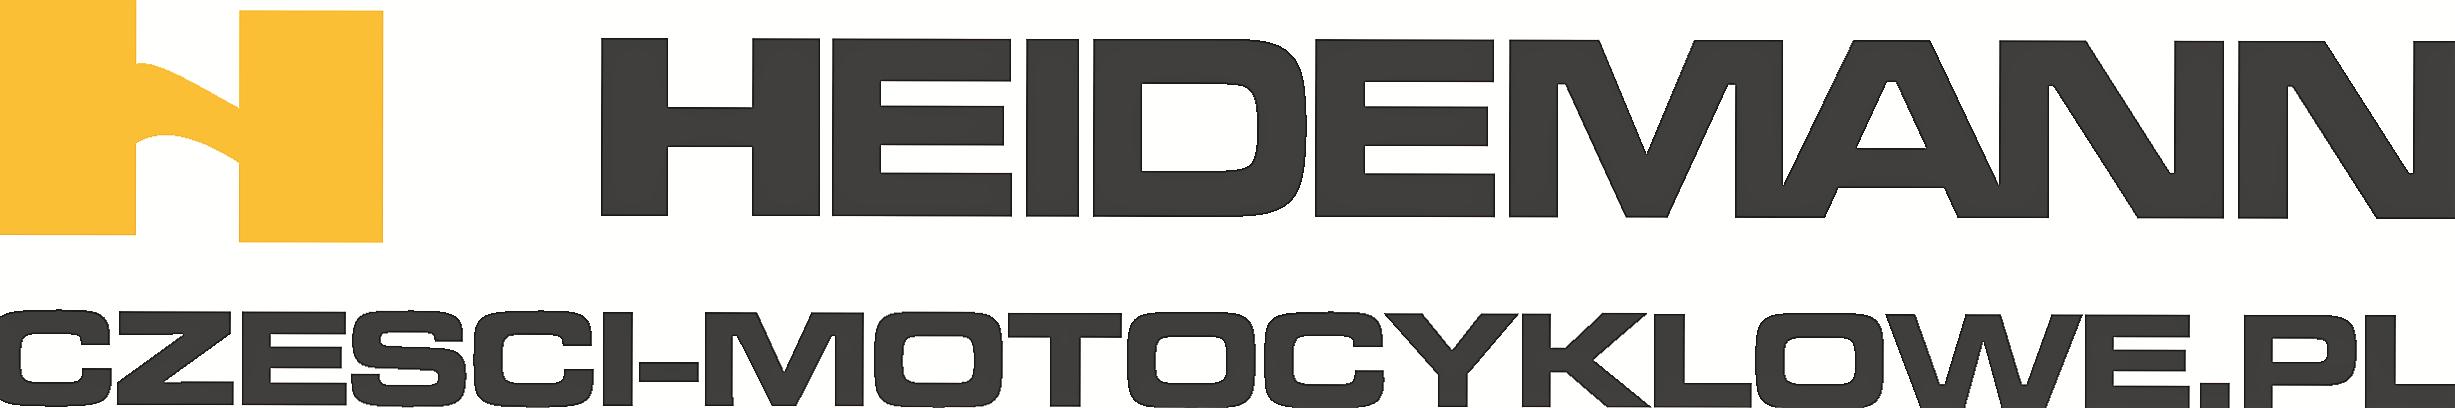 heidemann_logo_czesci_gotowe